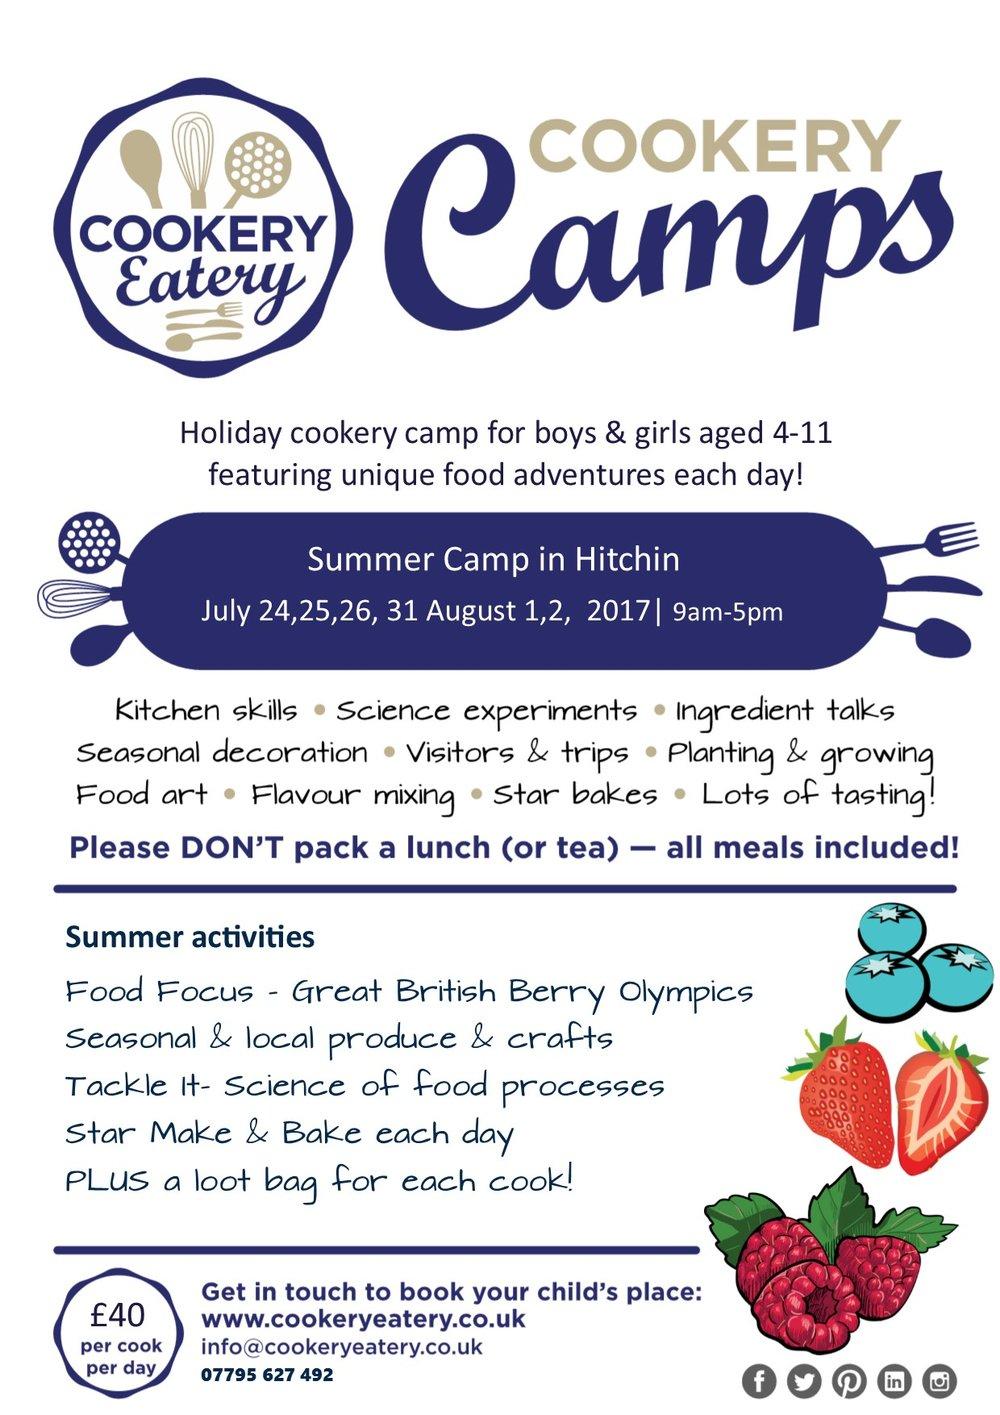 Cookery Camp.Summer 2017.Hitchin.FLYER.jpg